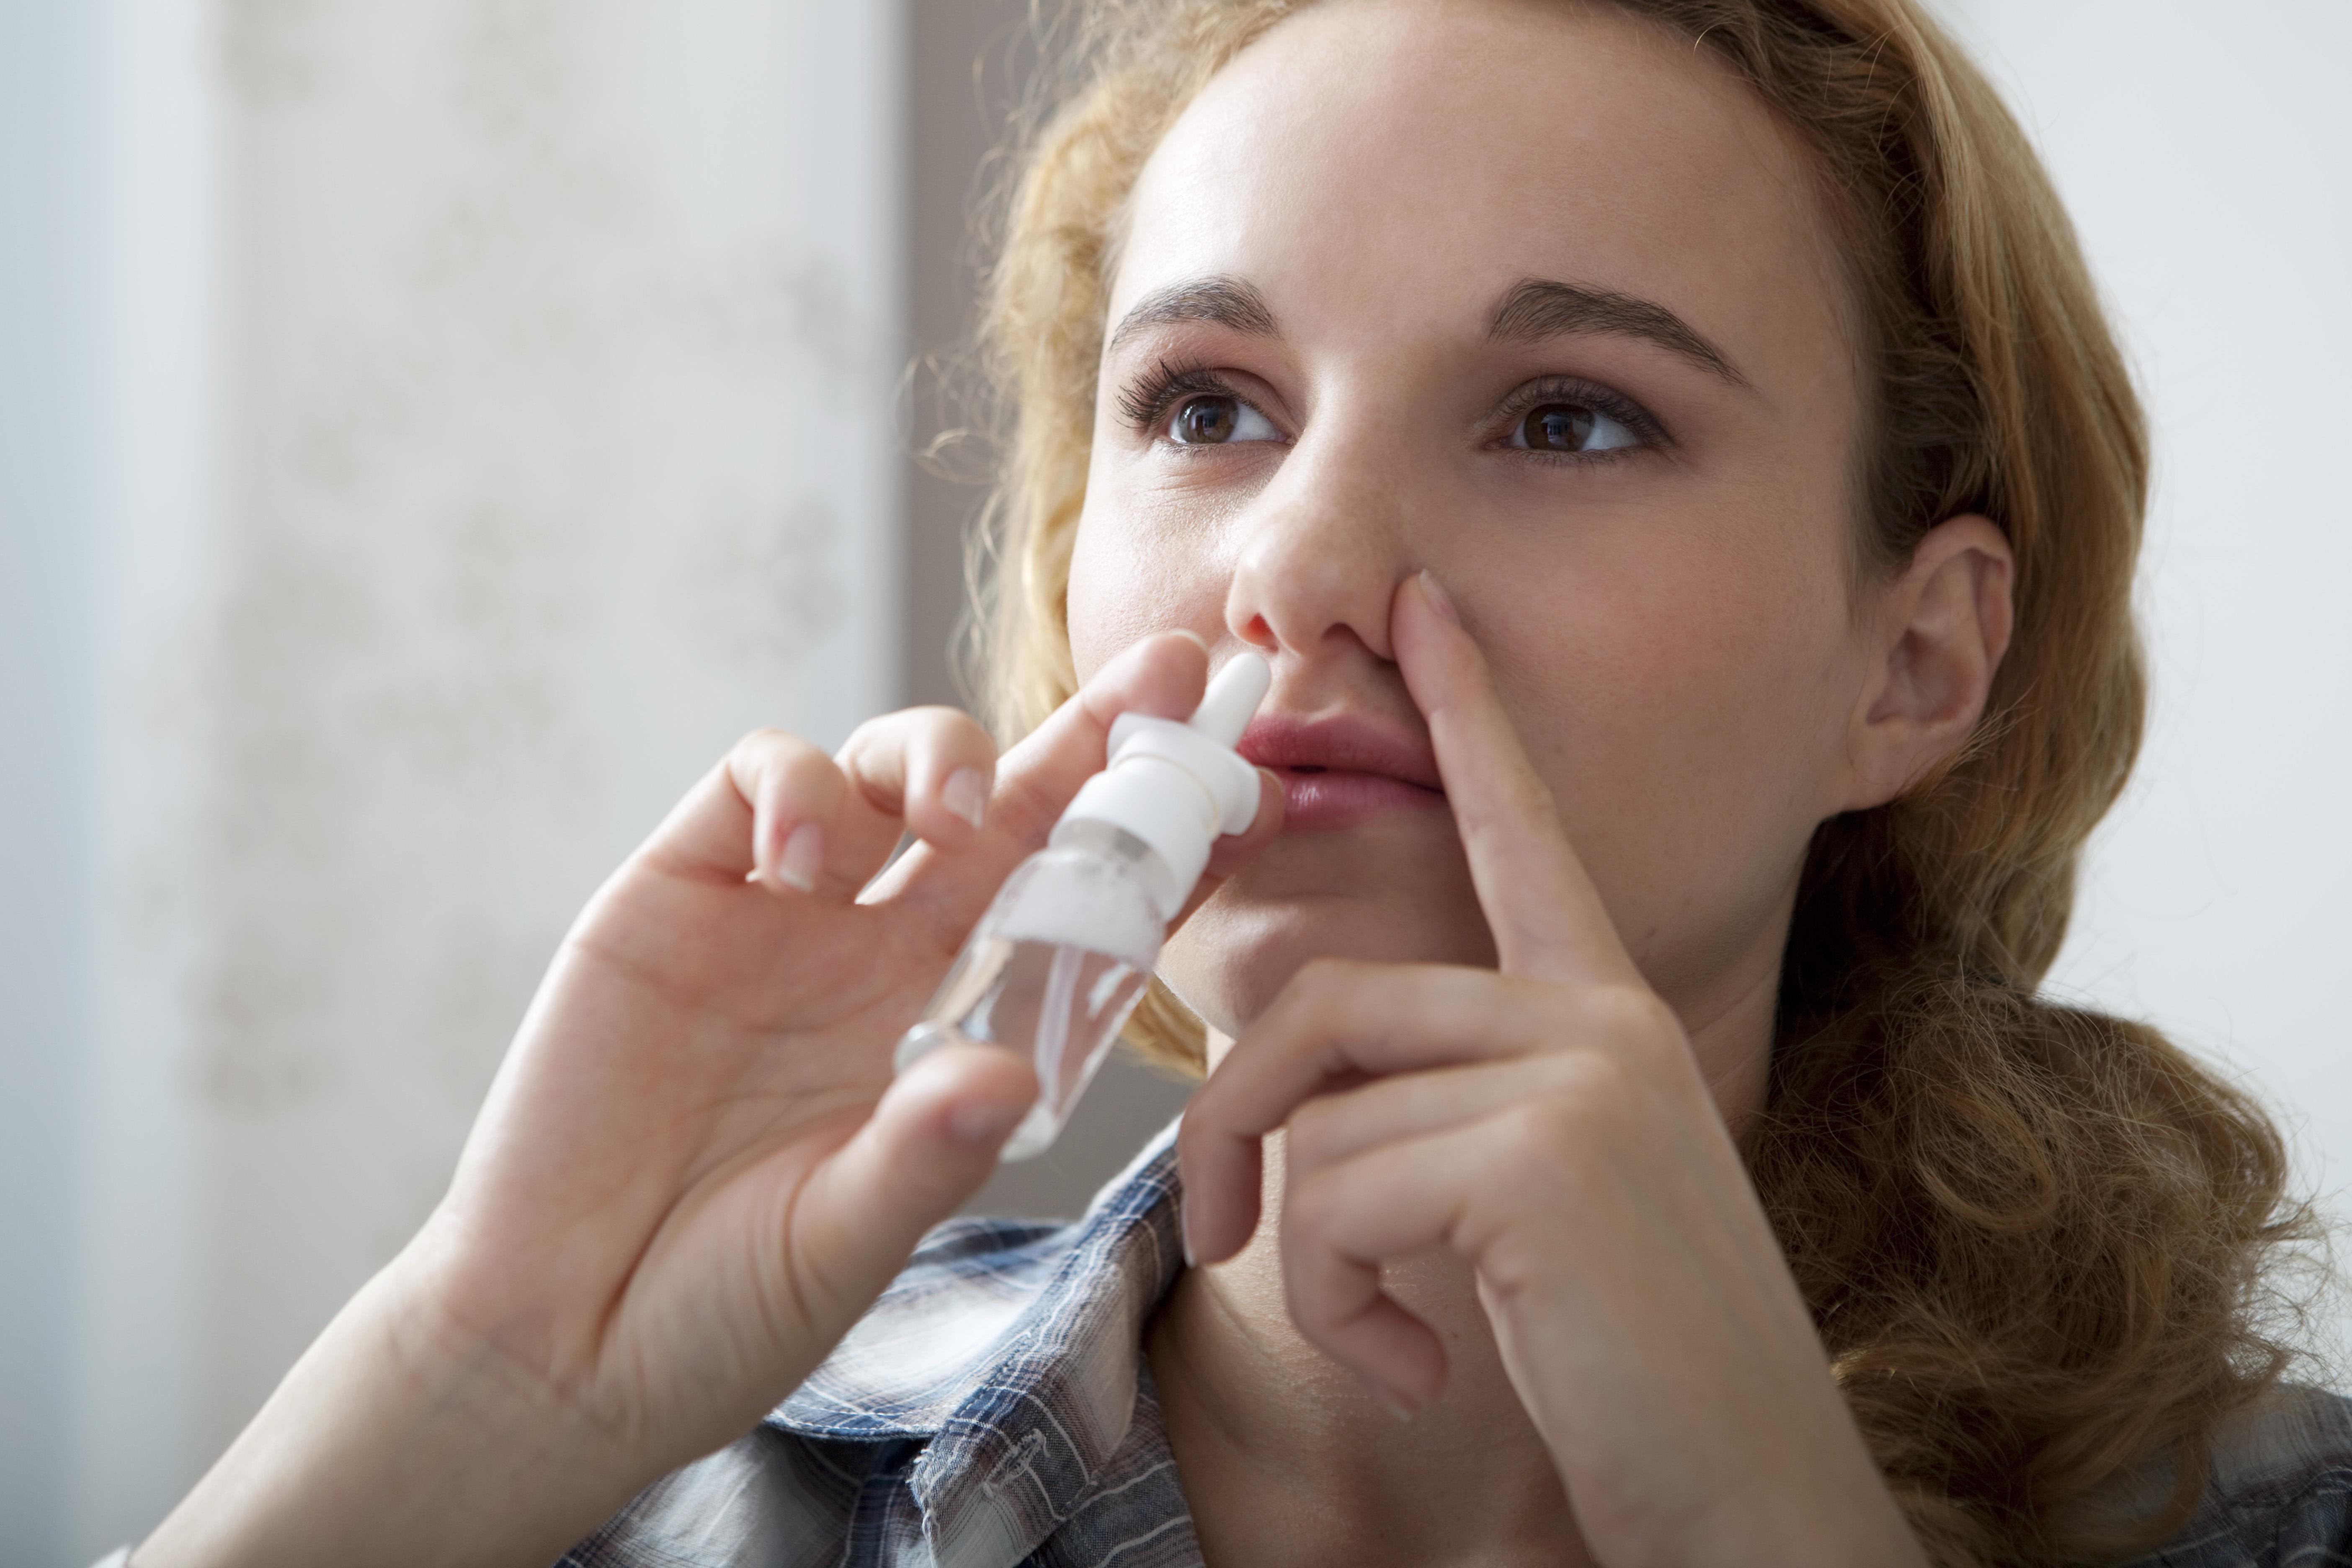 En nästäppa förknippas oftast med en vanlig förkylning, men kan också bero på allergi, framförallt om du har varit täppt i flera veckor.